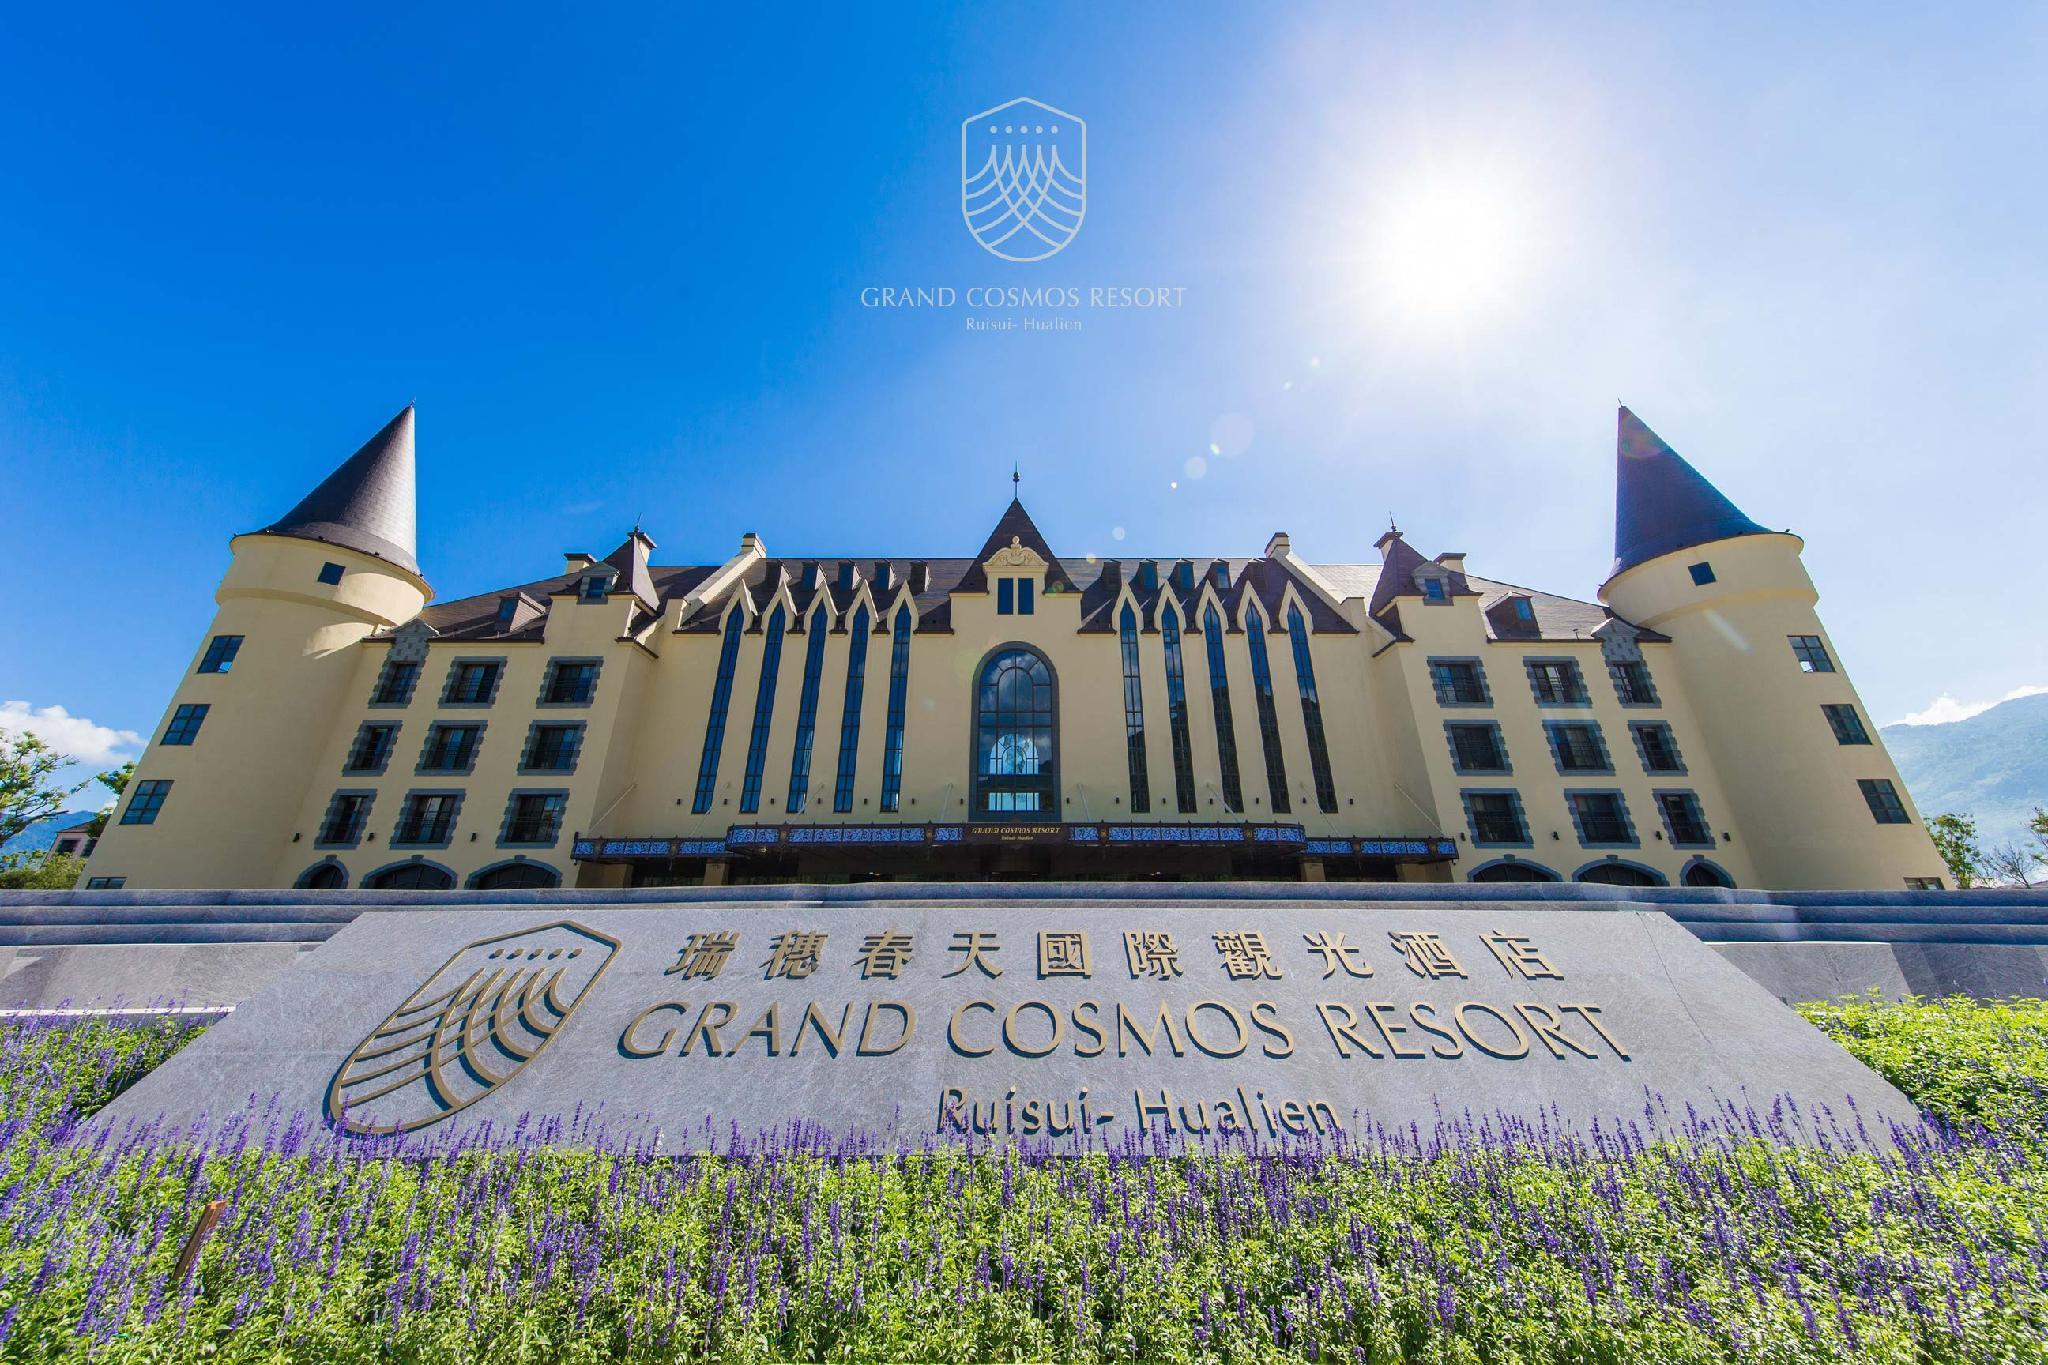 Grand Cosmos Resort Ruisui Hualien, Hualien